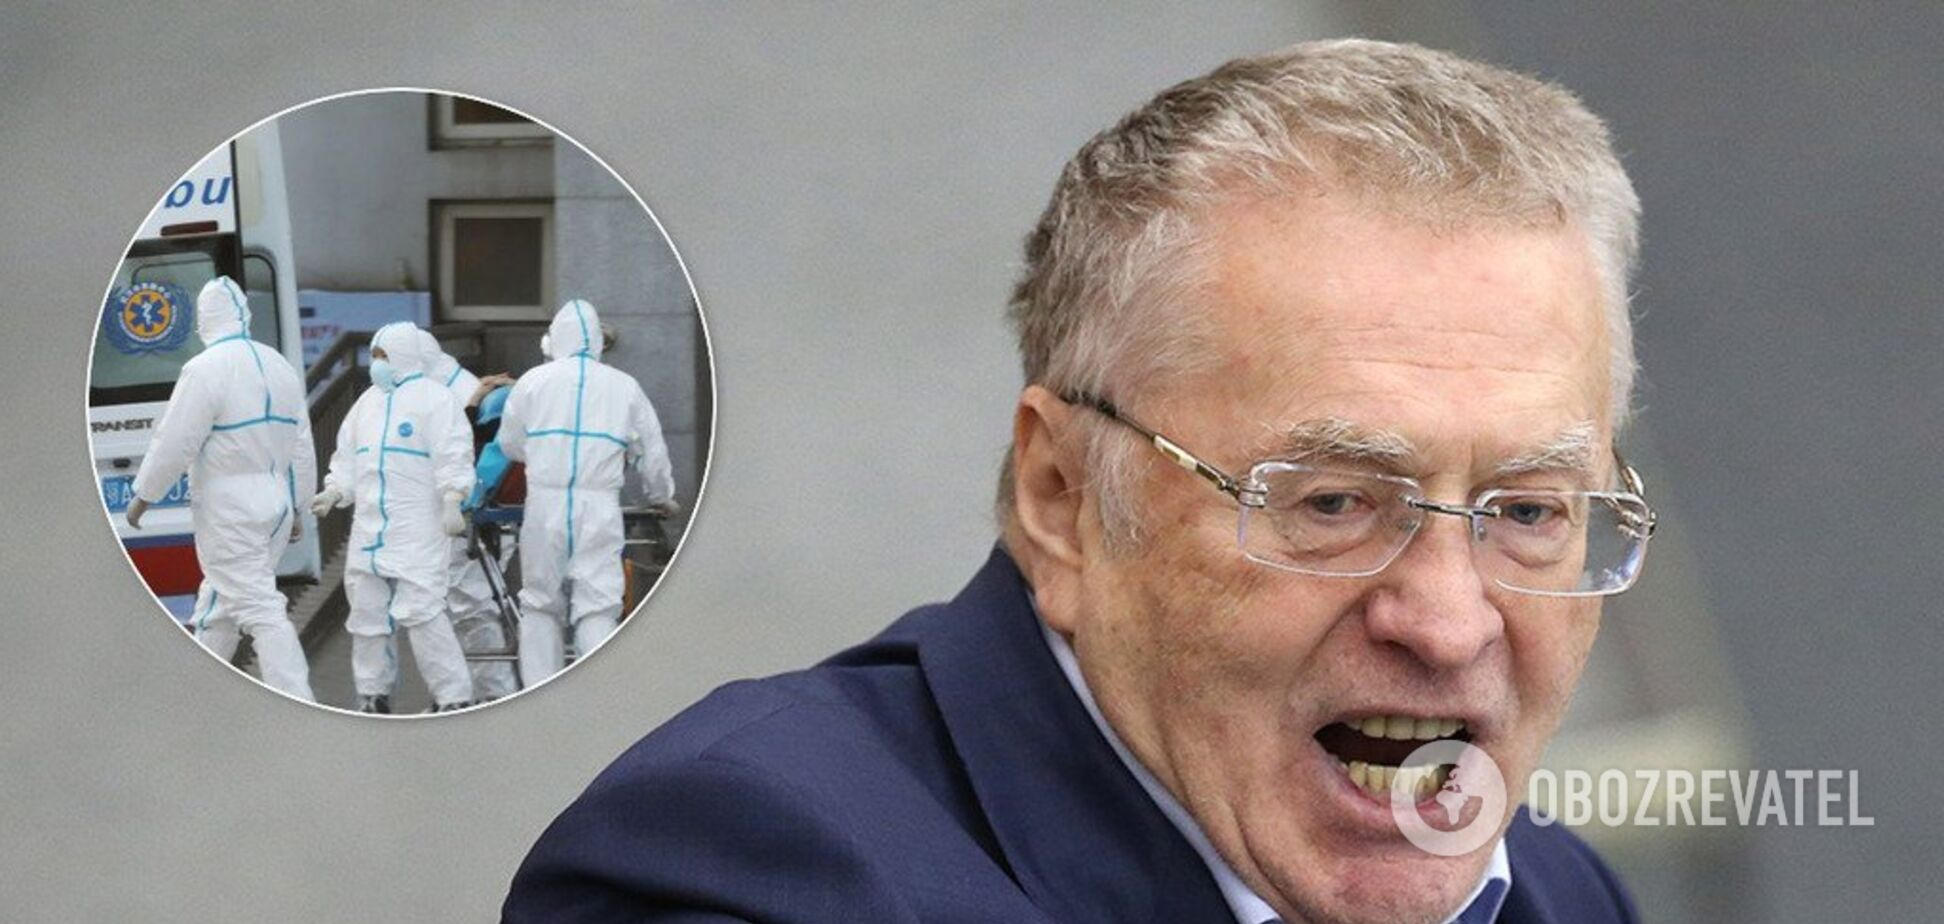 Жириновский сказал трудовым мигрантам не возвращаться в Россию